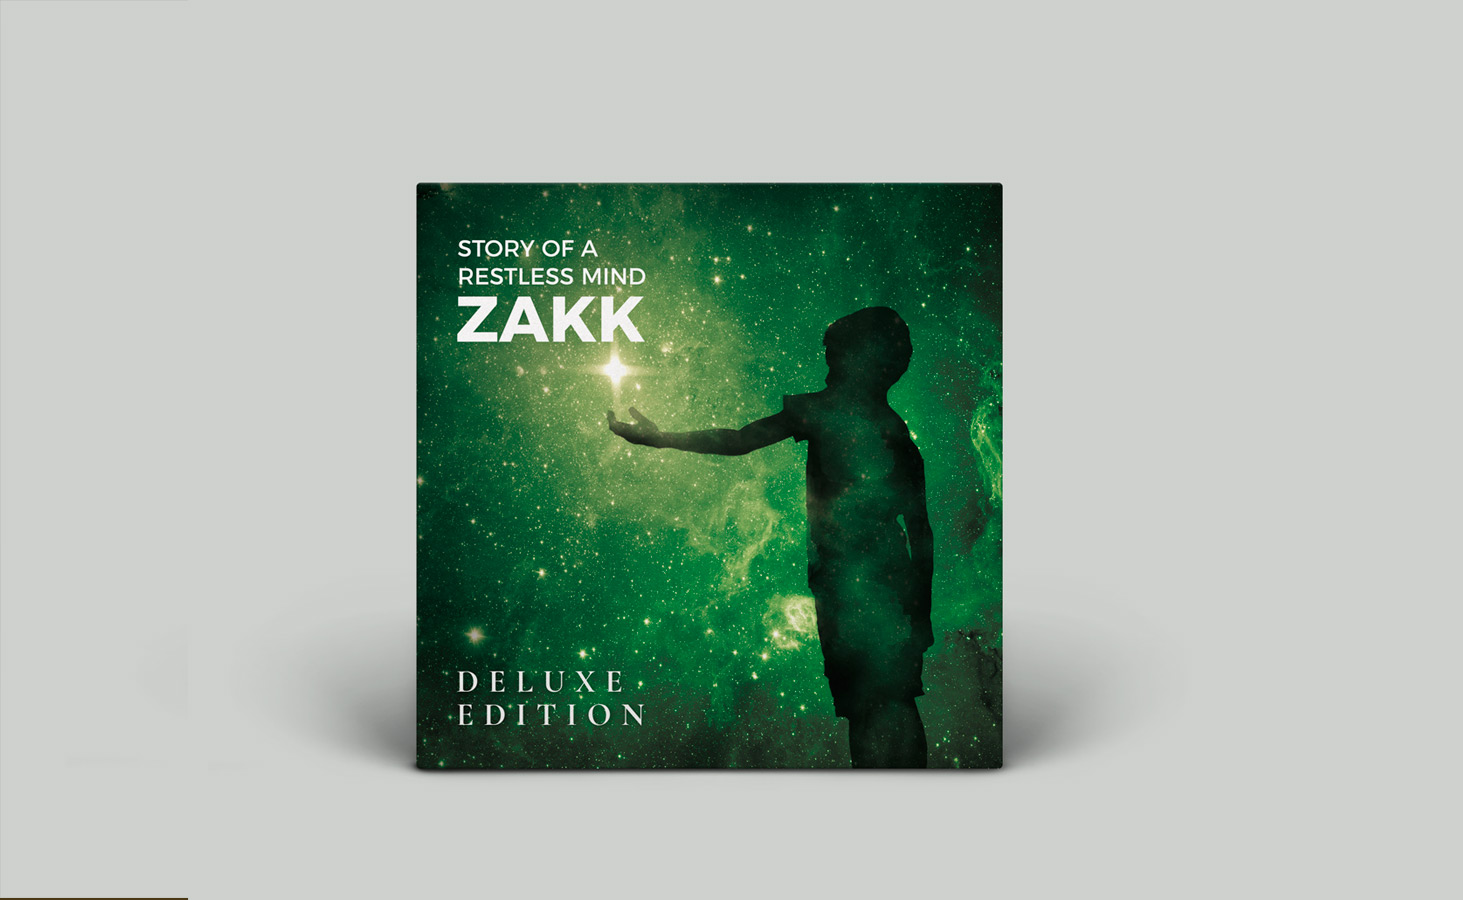 Zakk_CD_010